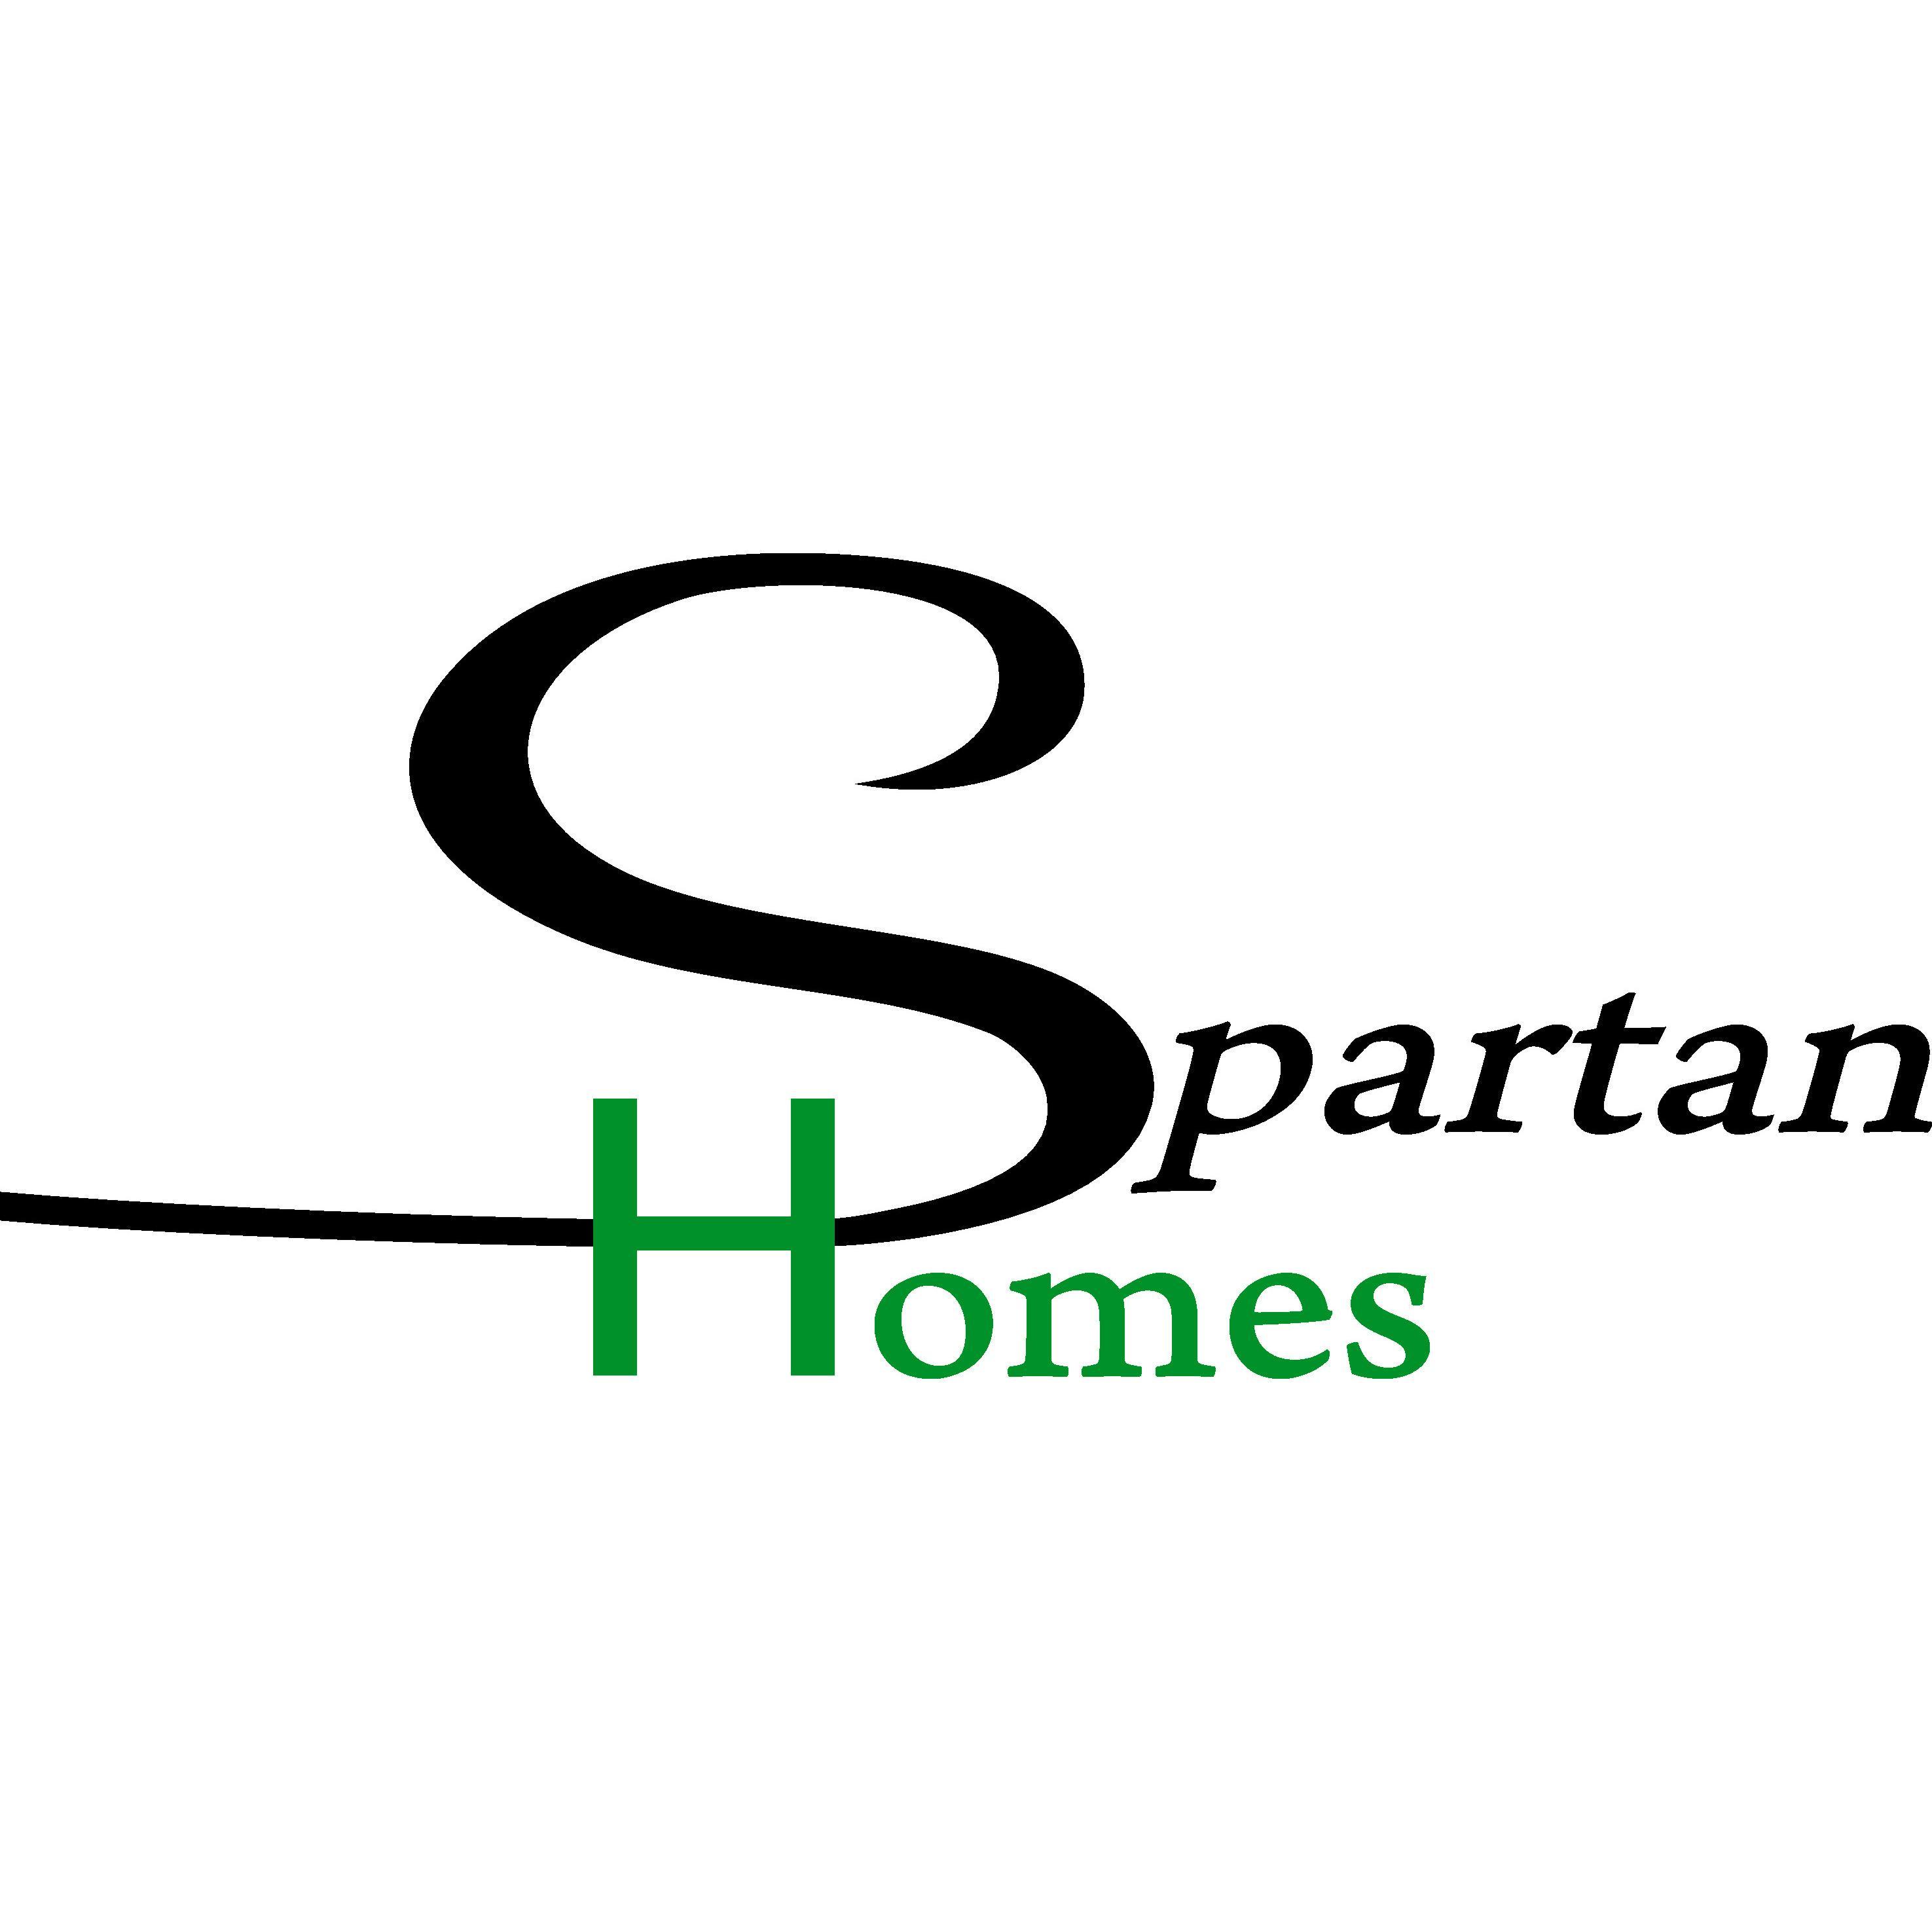 Spartan Homes Inc.